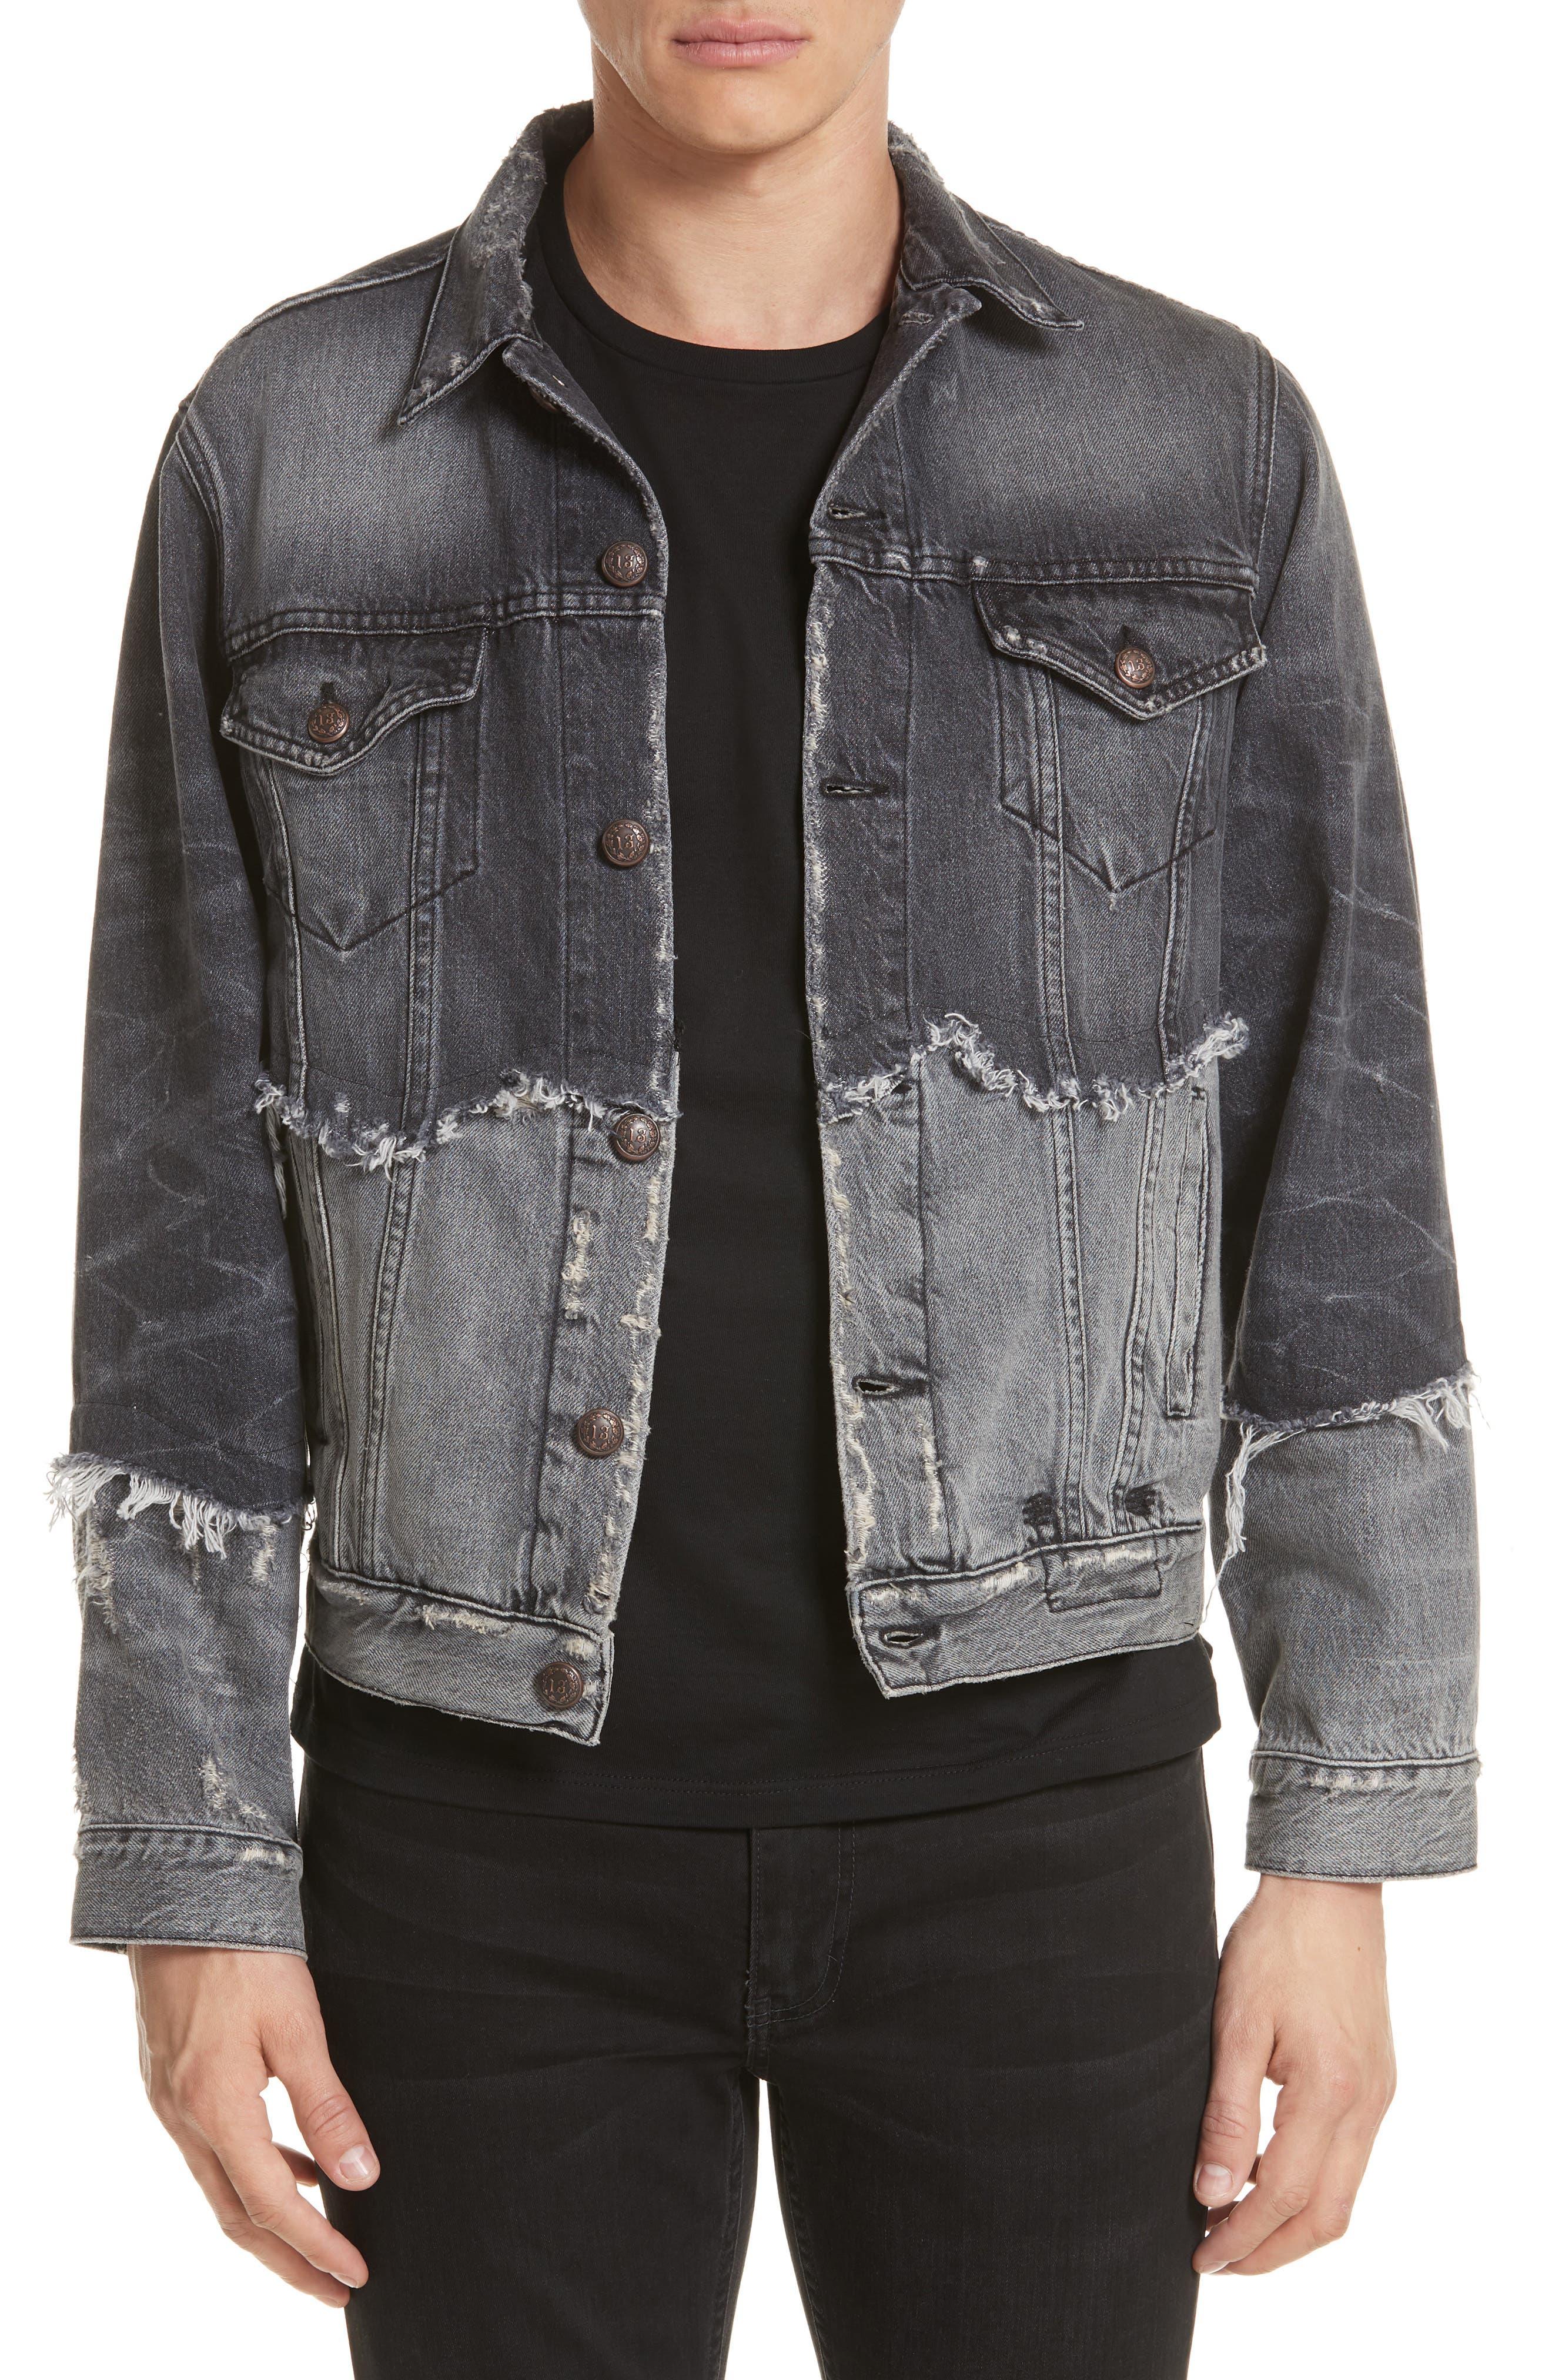 R13 Shredded Two-Tone Denim Jacket